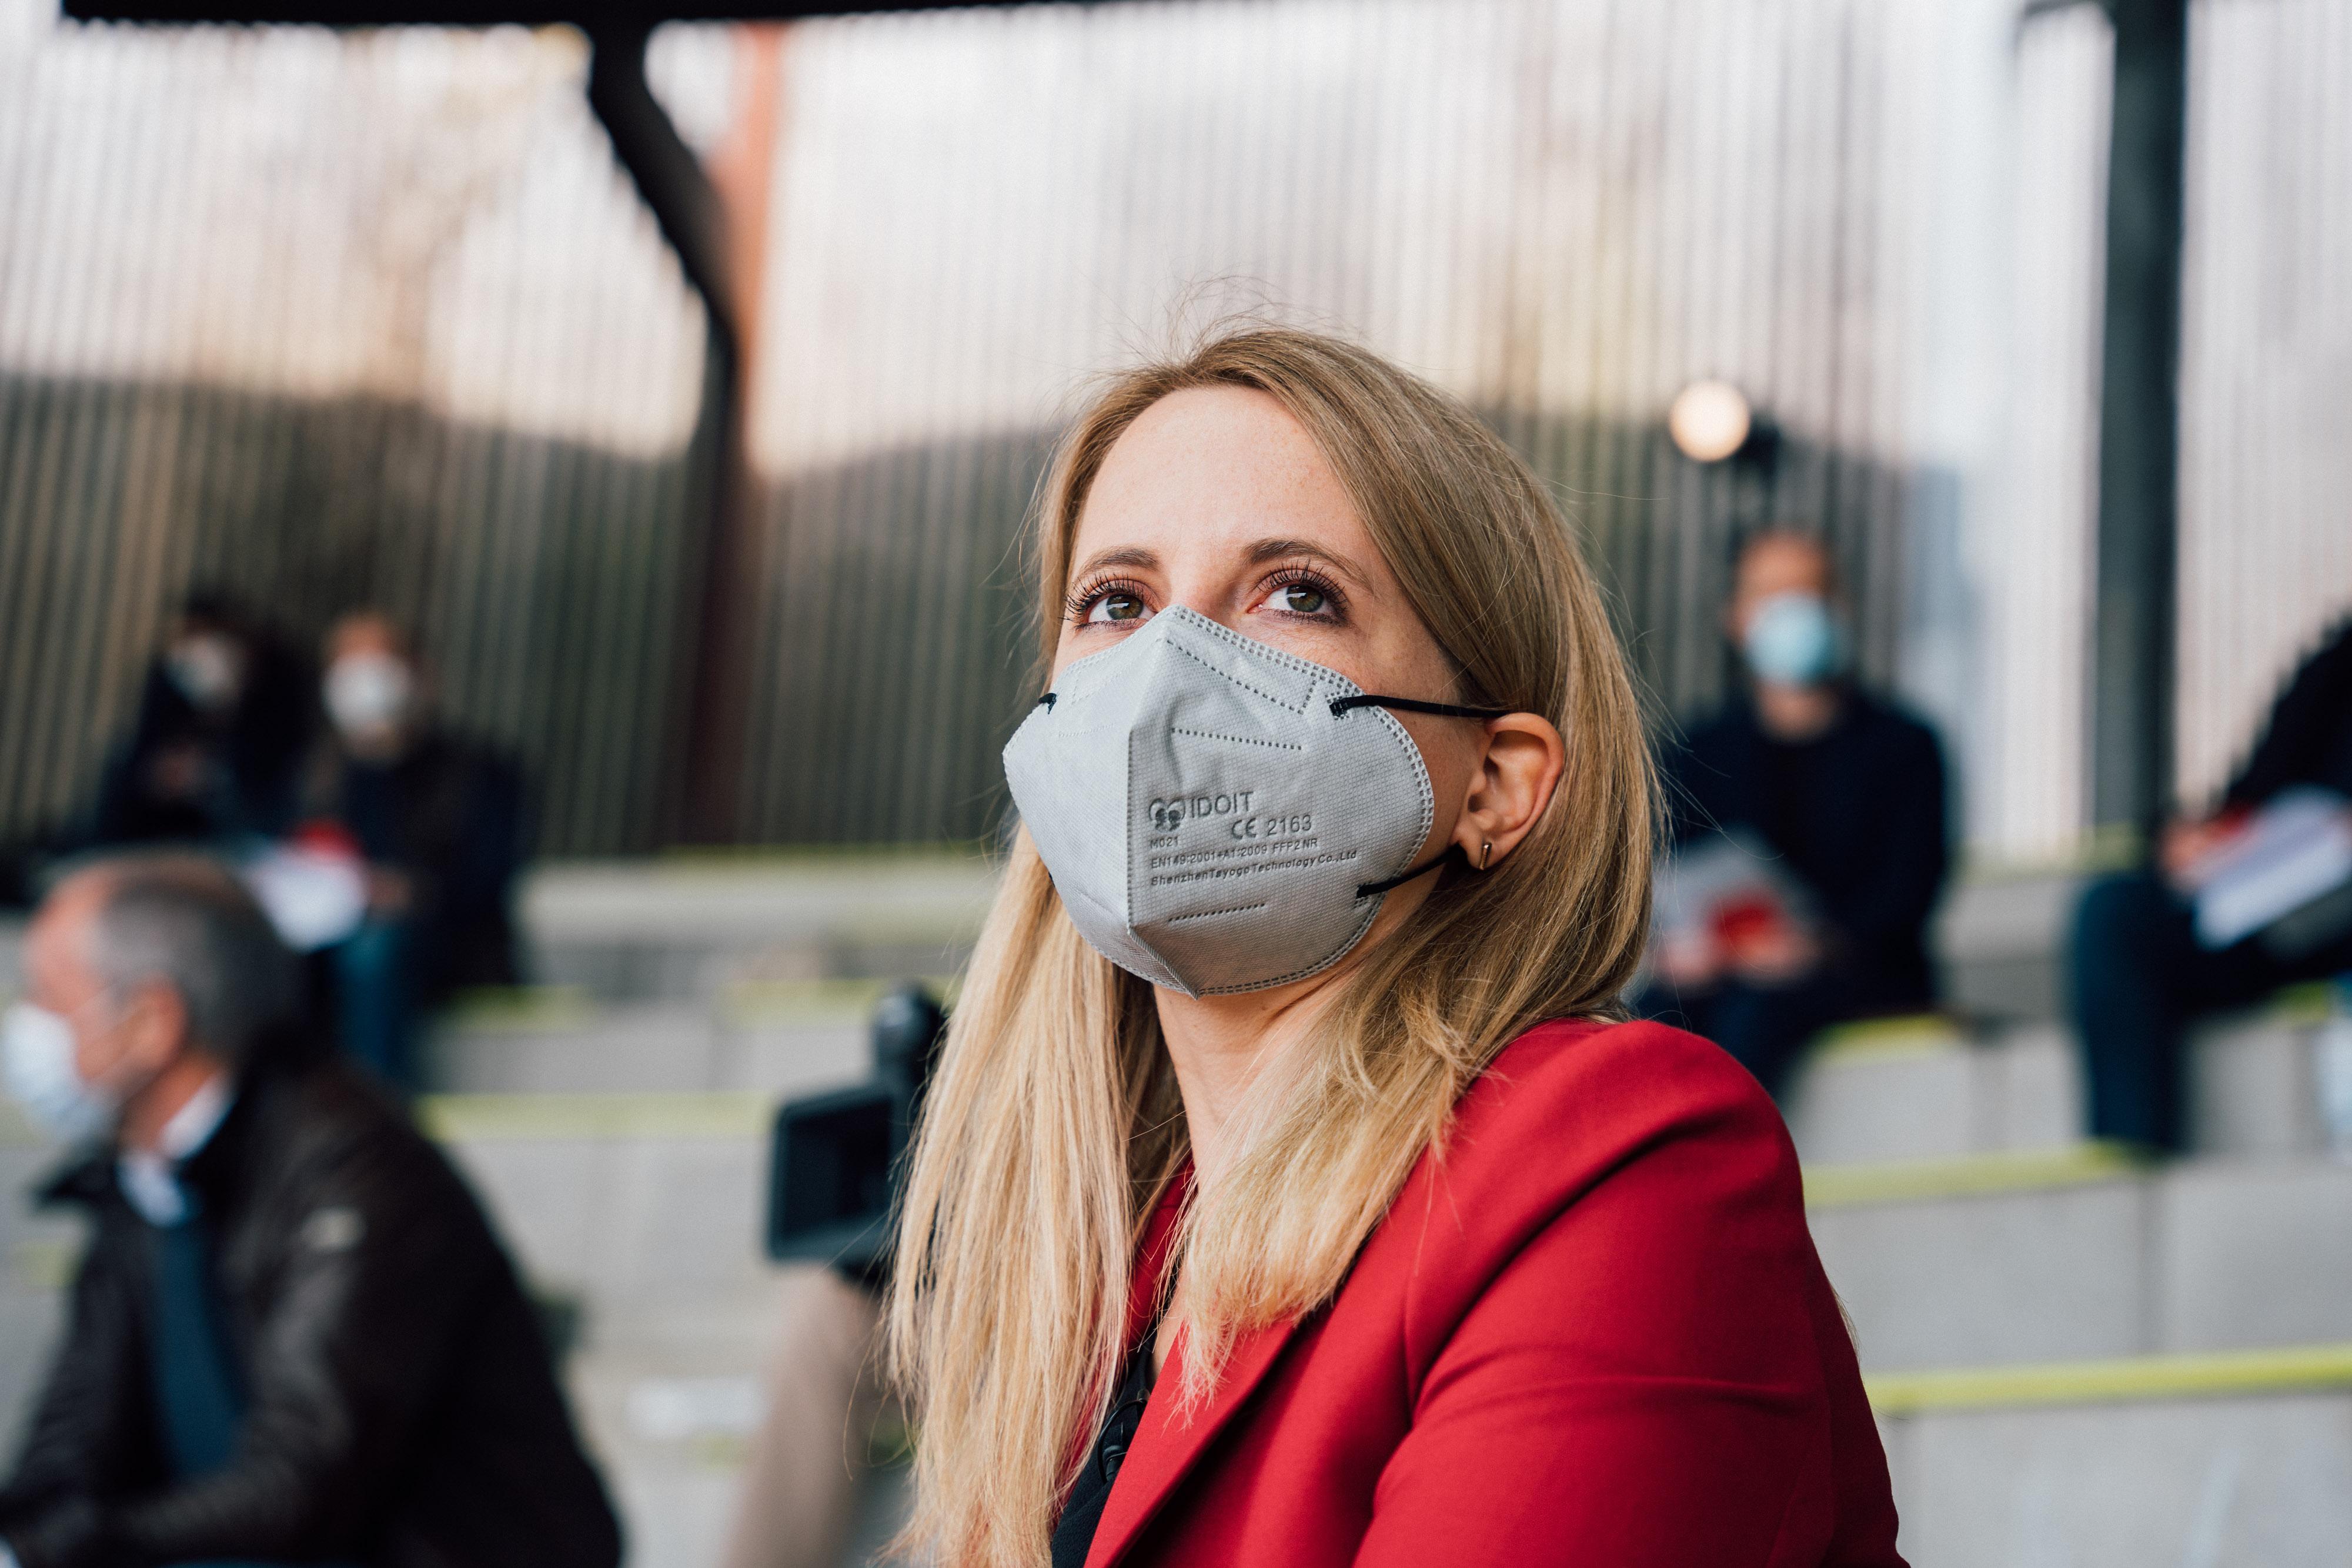 Kandidatinnenkür in Zeiten der weltweiten Corona-Pandemie: draußen, alle mit Maske und Abstand. Für Verena ist das inzwischen Alltag.